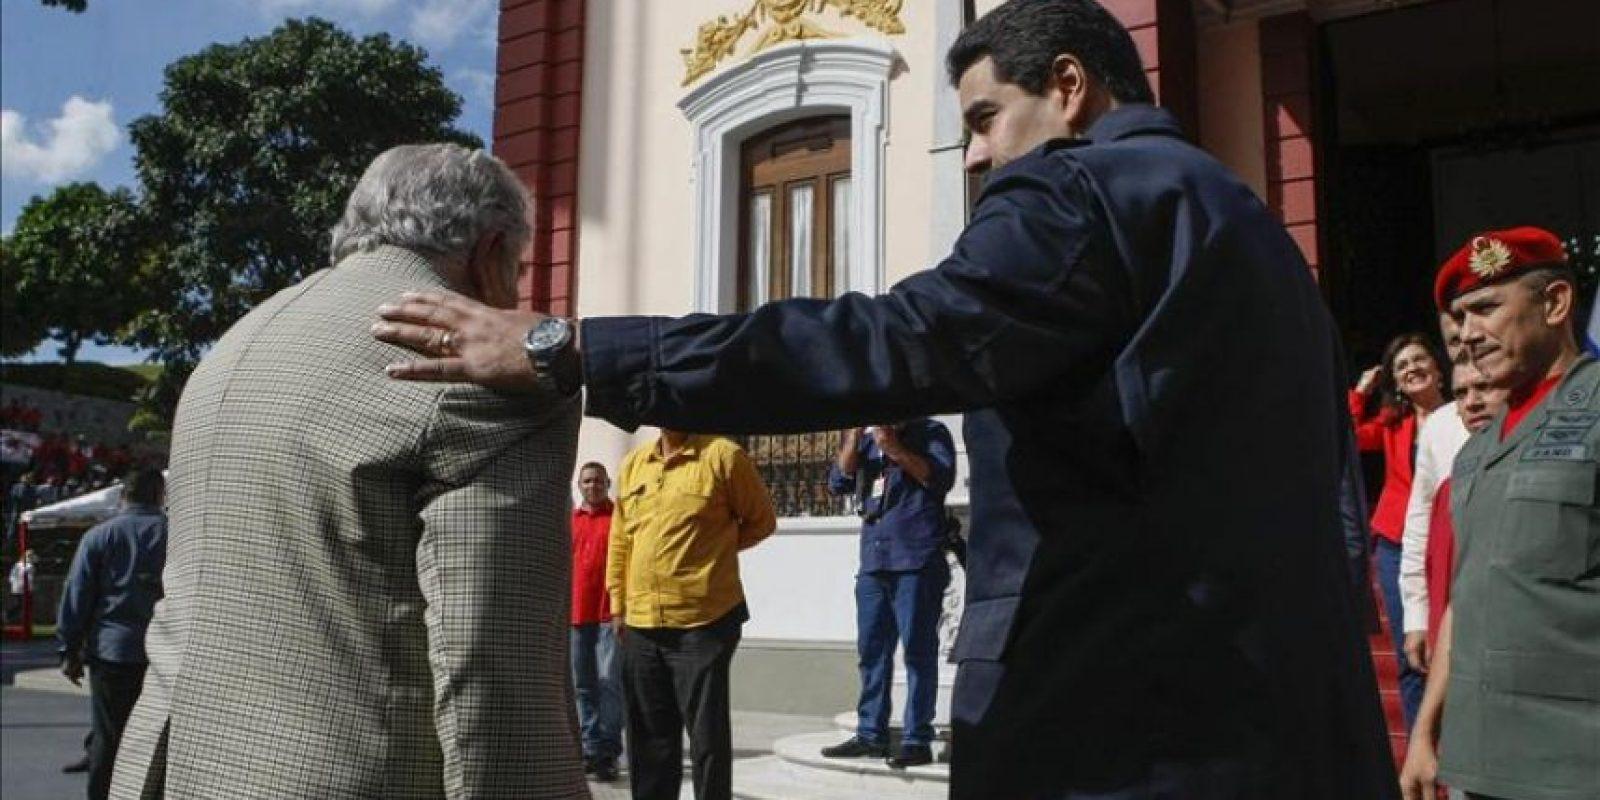 El presidente de Uruguay, José Mujica (i), saluda a su homólogo venezolano, Nicolás Maduro, hoy miércoles 3 de diciembre del 2014, a su llegada al Palacio de Miraflores en Caracas (Venezuela). EFE